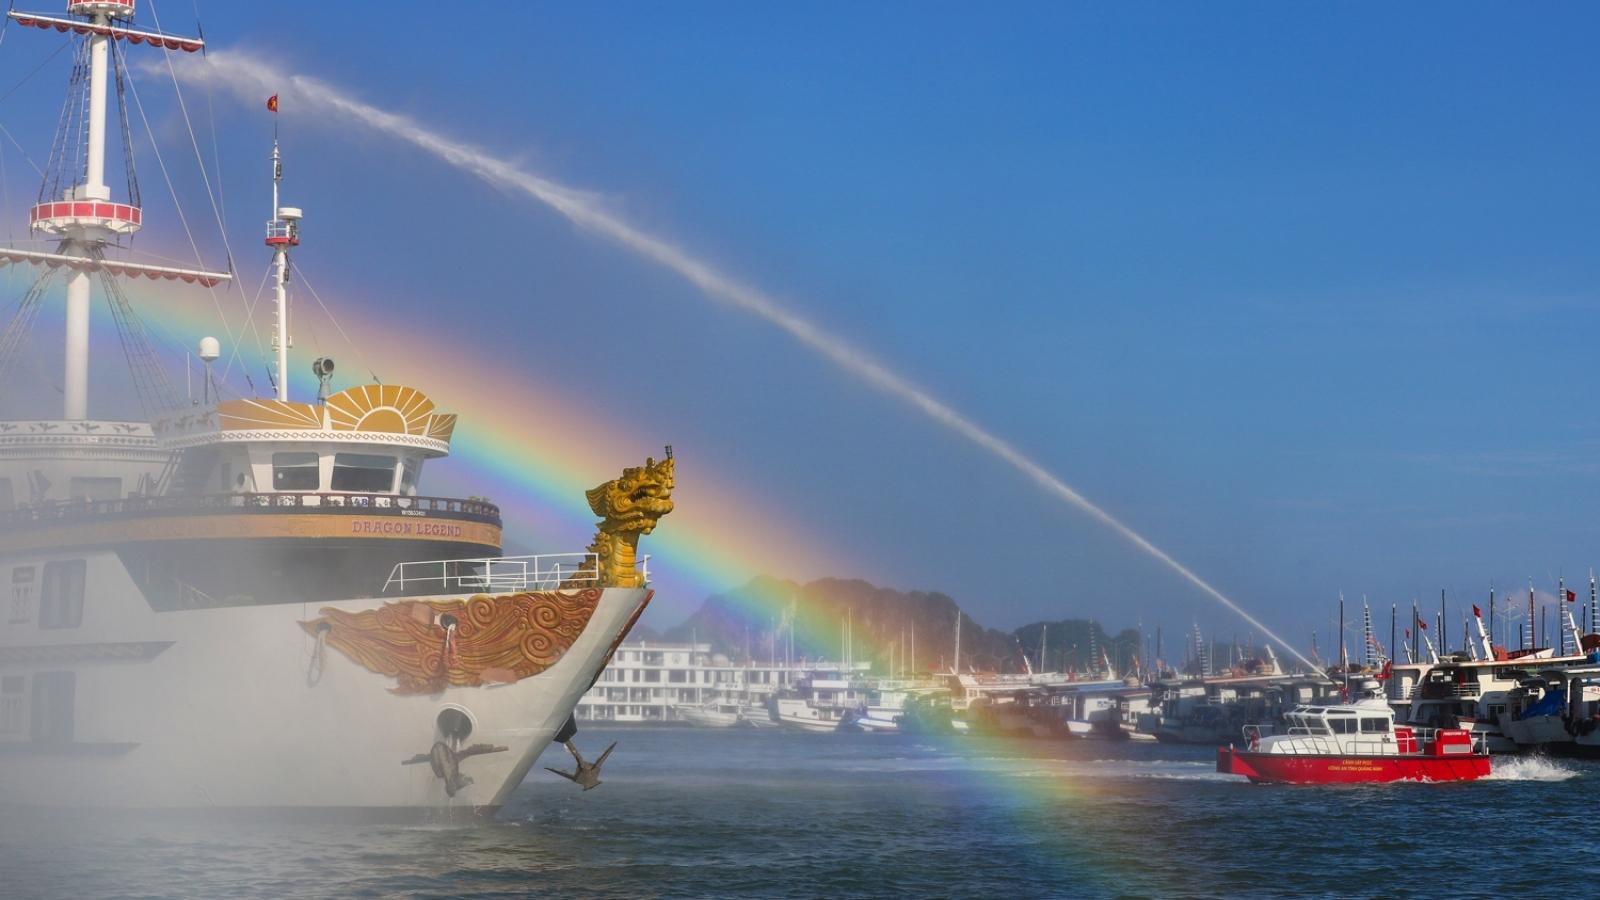 Diễn tập quy mô lớn phương án chữa cháy tàu du lịch trên vịnh Hạ Long